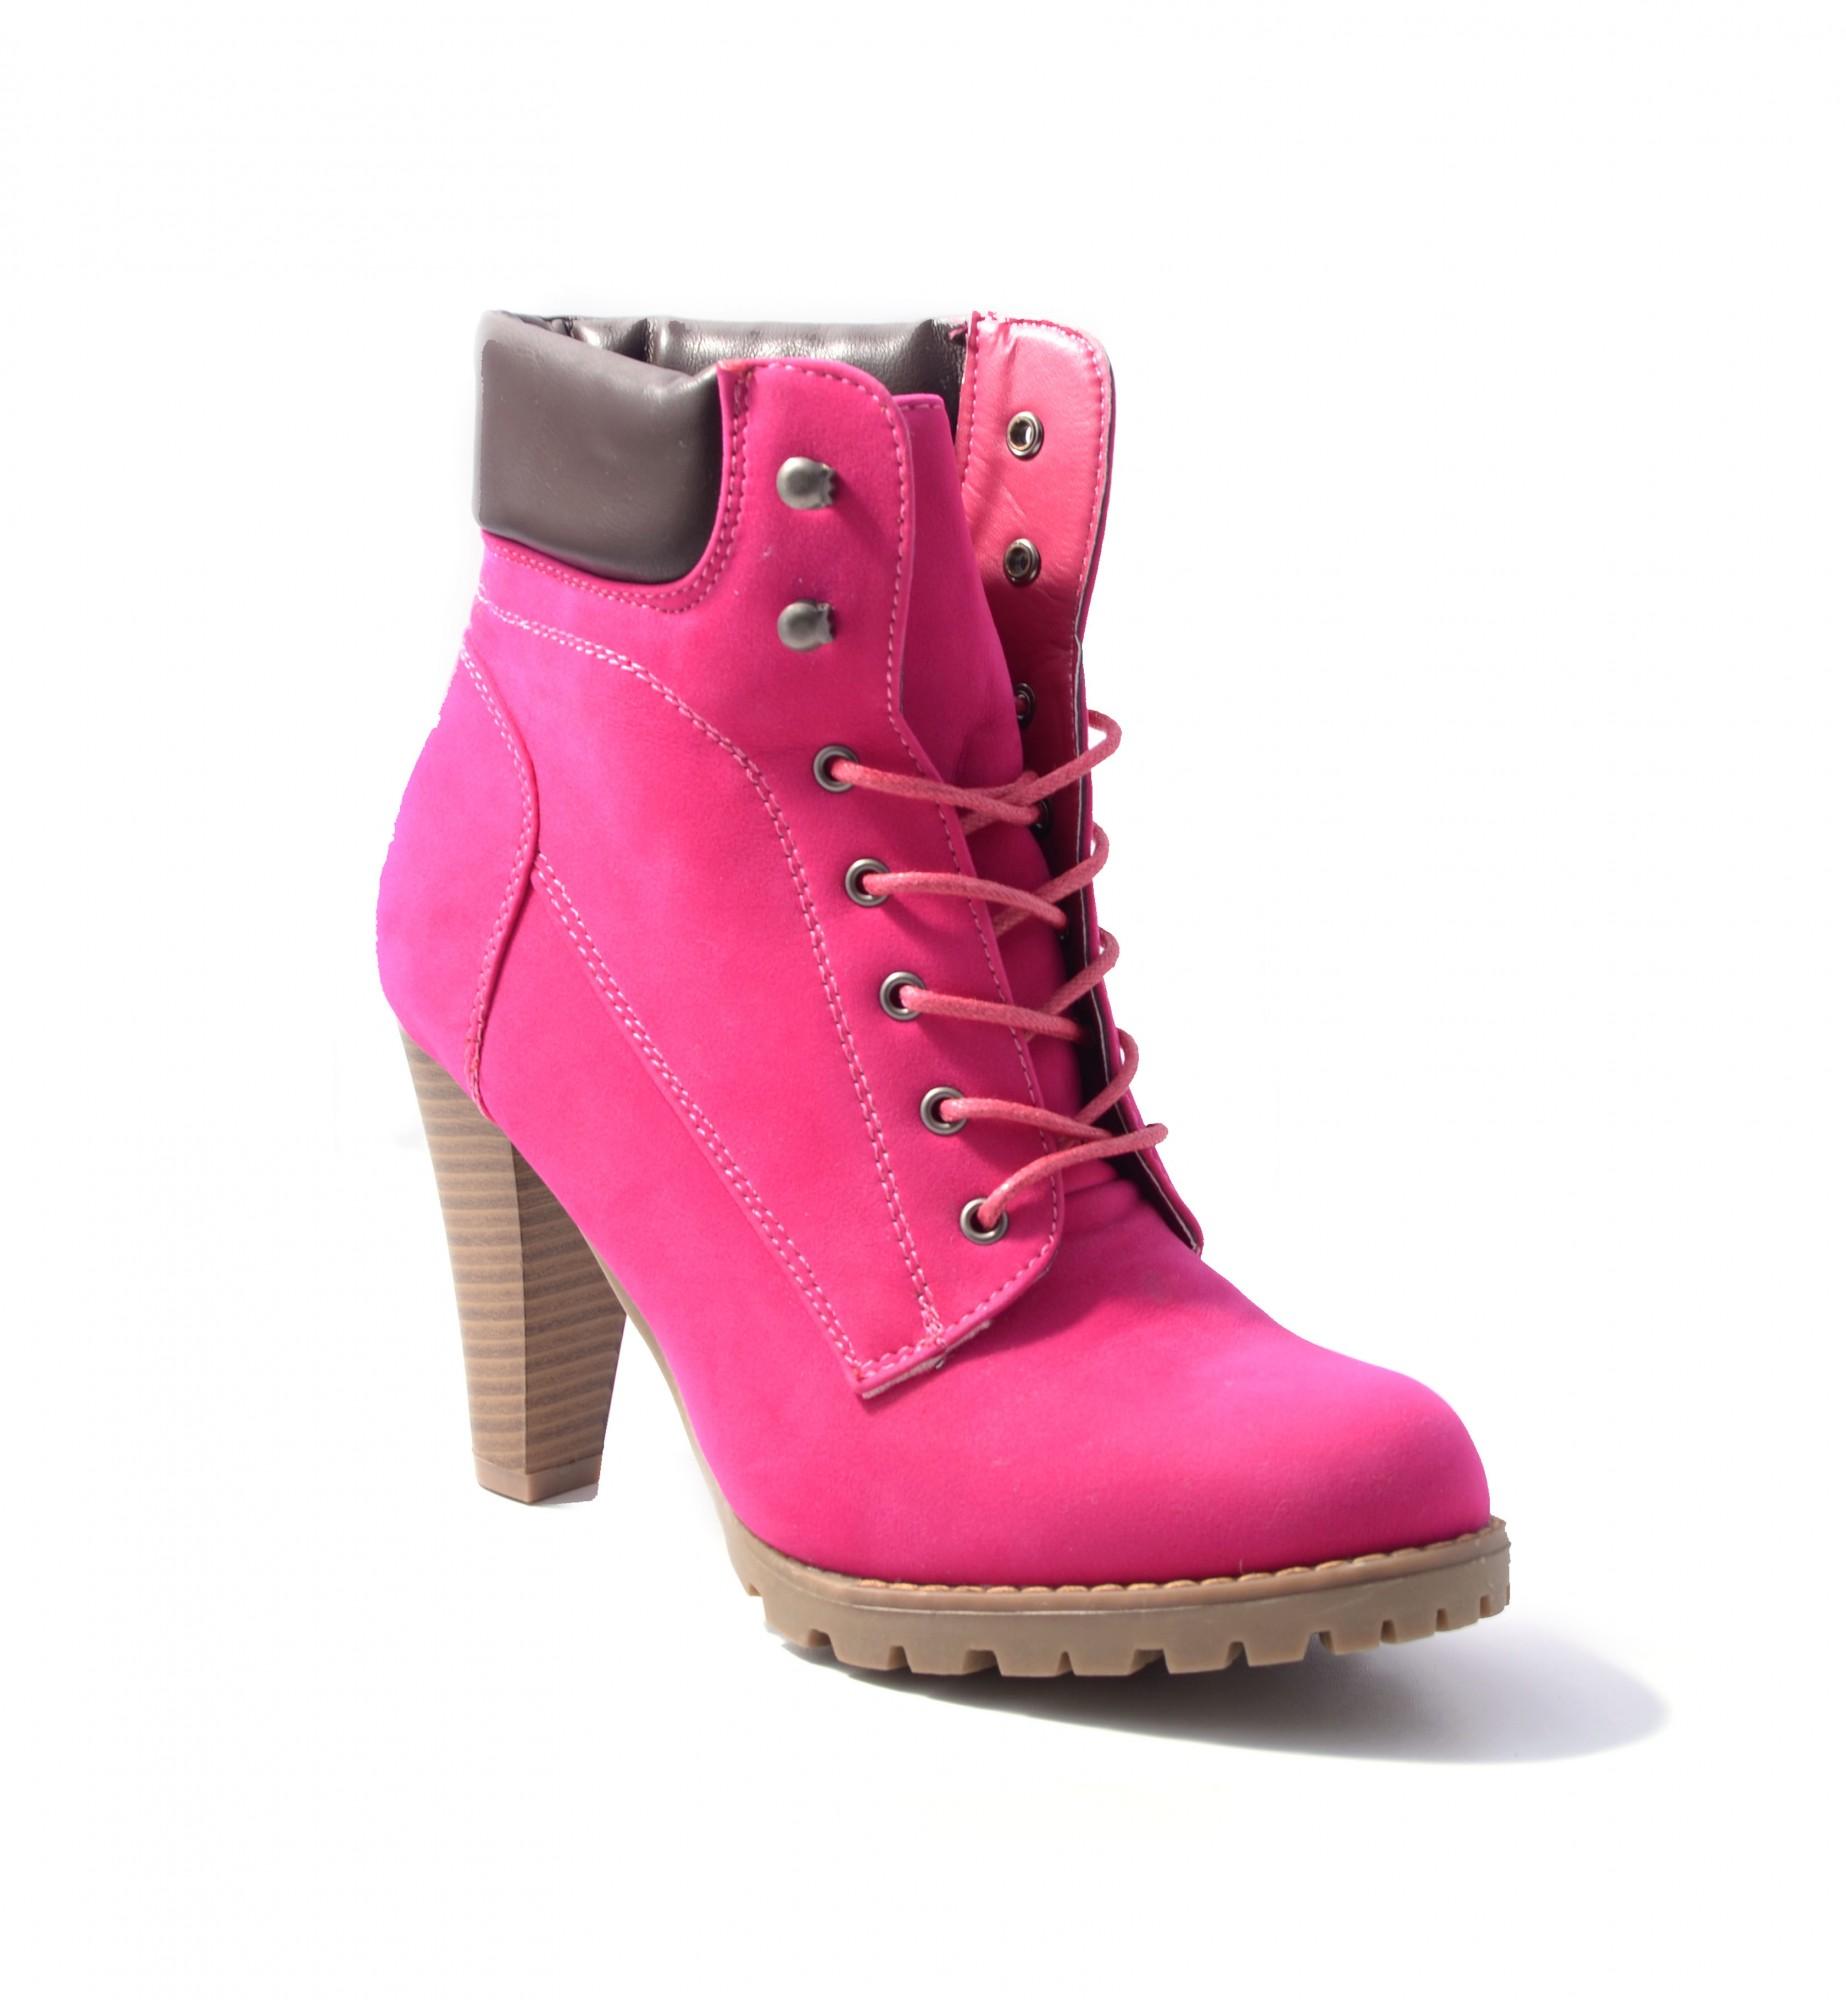 JUMEX-Damen-Stiefelette-Schuhe-Stiefel-Schnuerstiefel-Markenschuhe-Schnuerstiefel